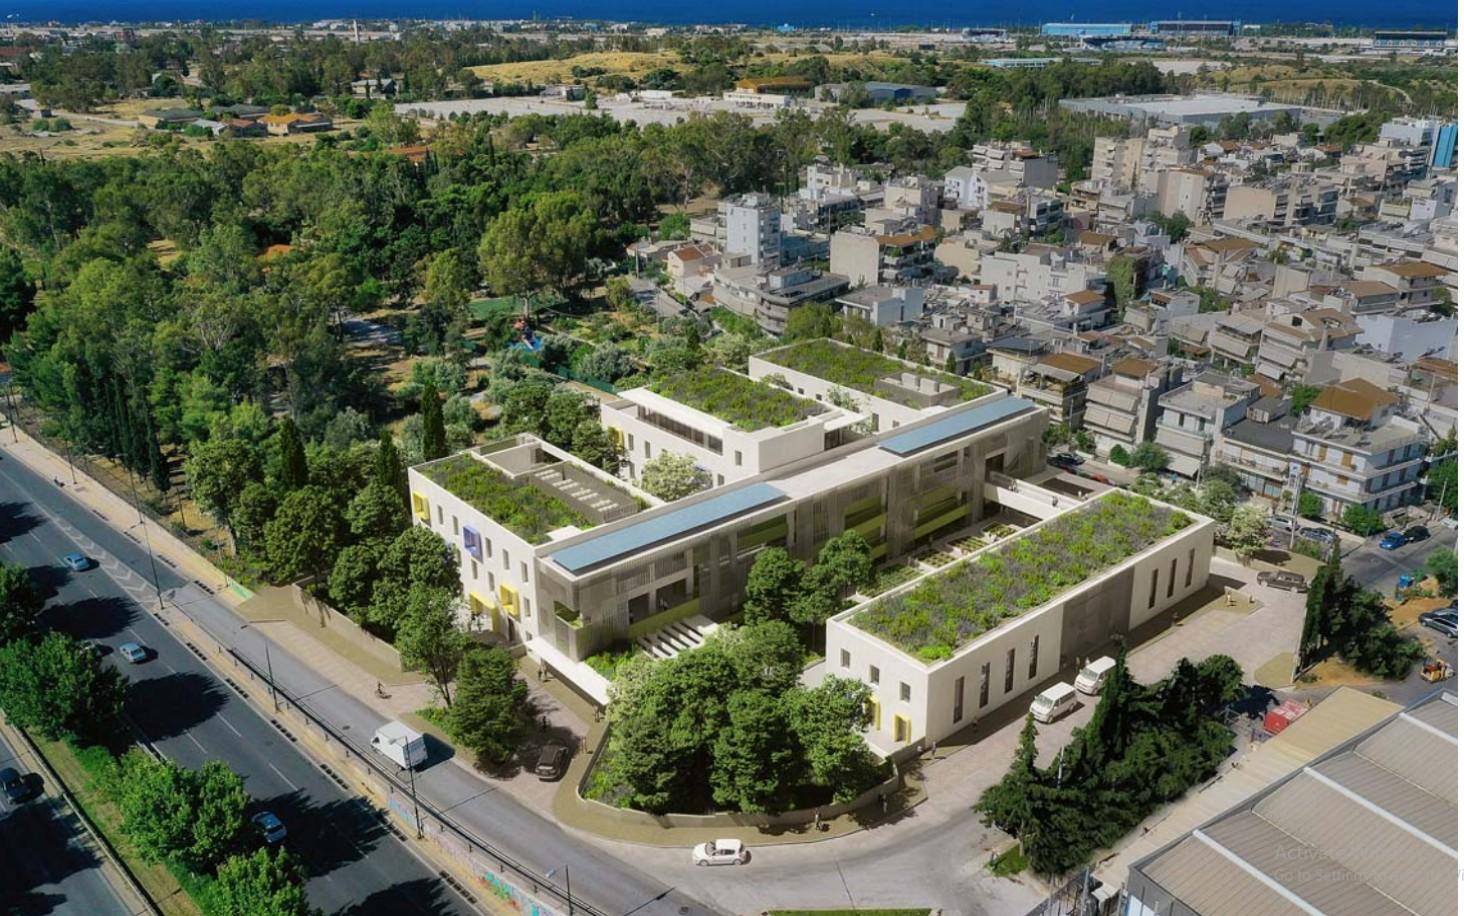 Νέο κτίριο Μετεγκατάστασης Συλλόγων ΑΜΕΑ εντός του Μητροπολιτικού Πόλου Ελληνικού-Αγίου Κοσμά